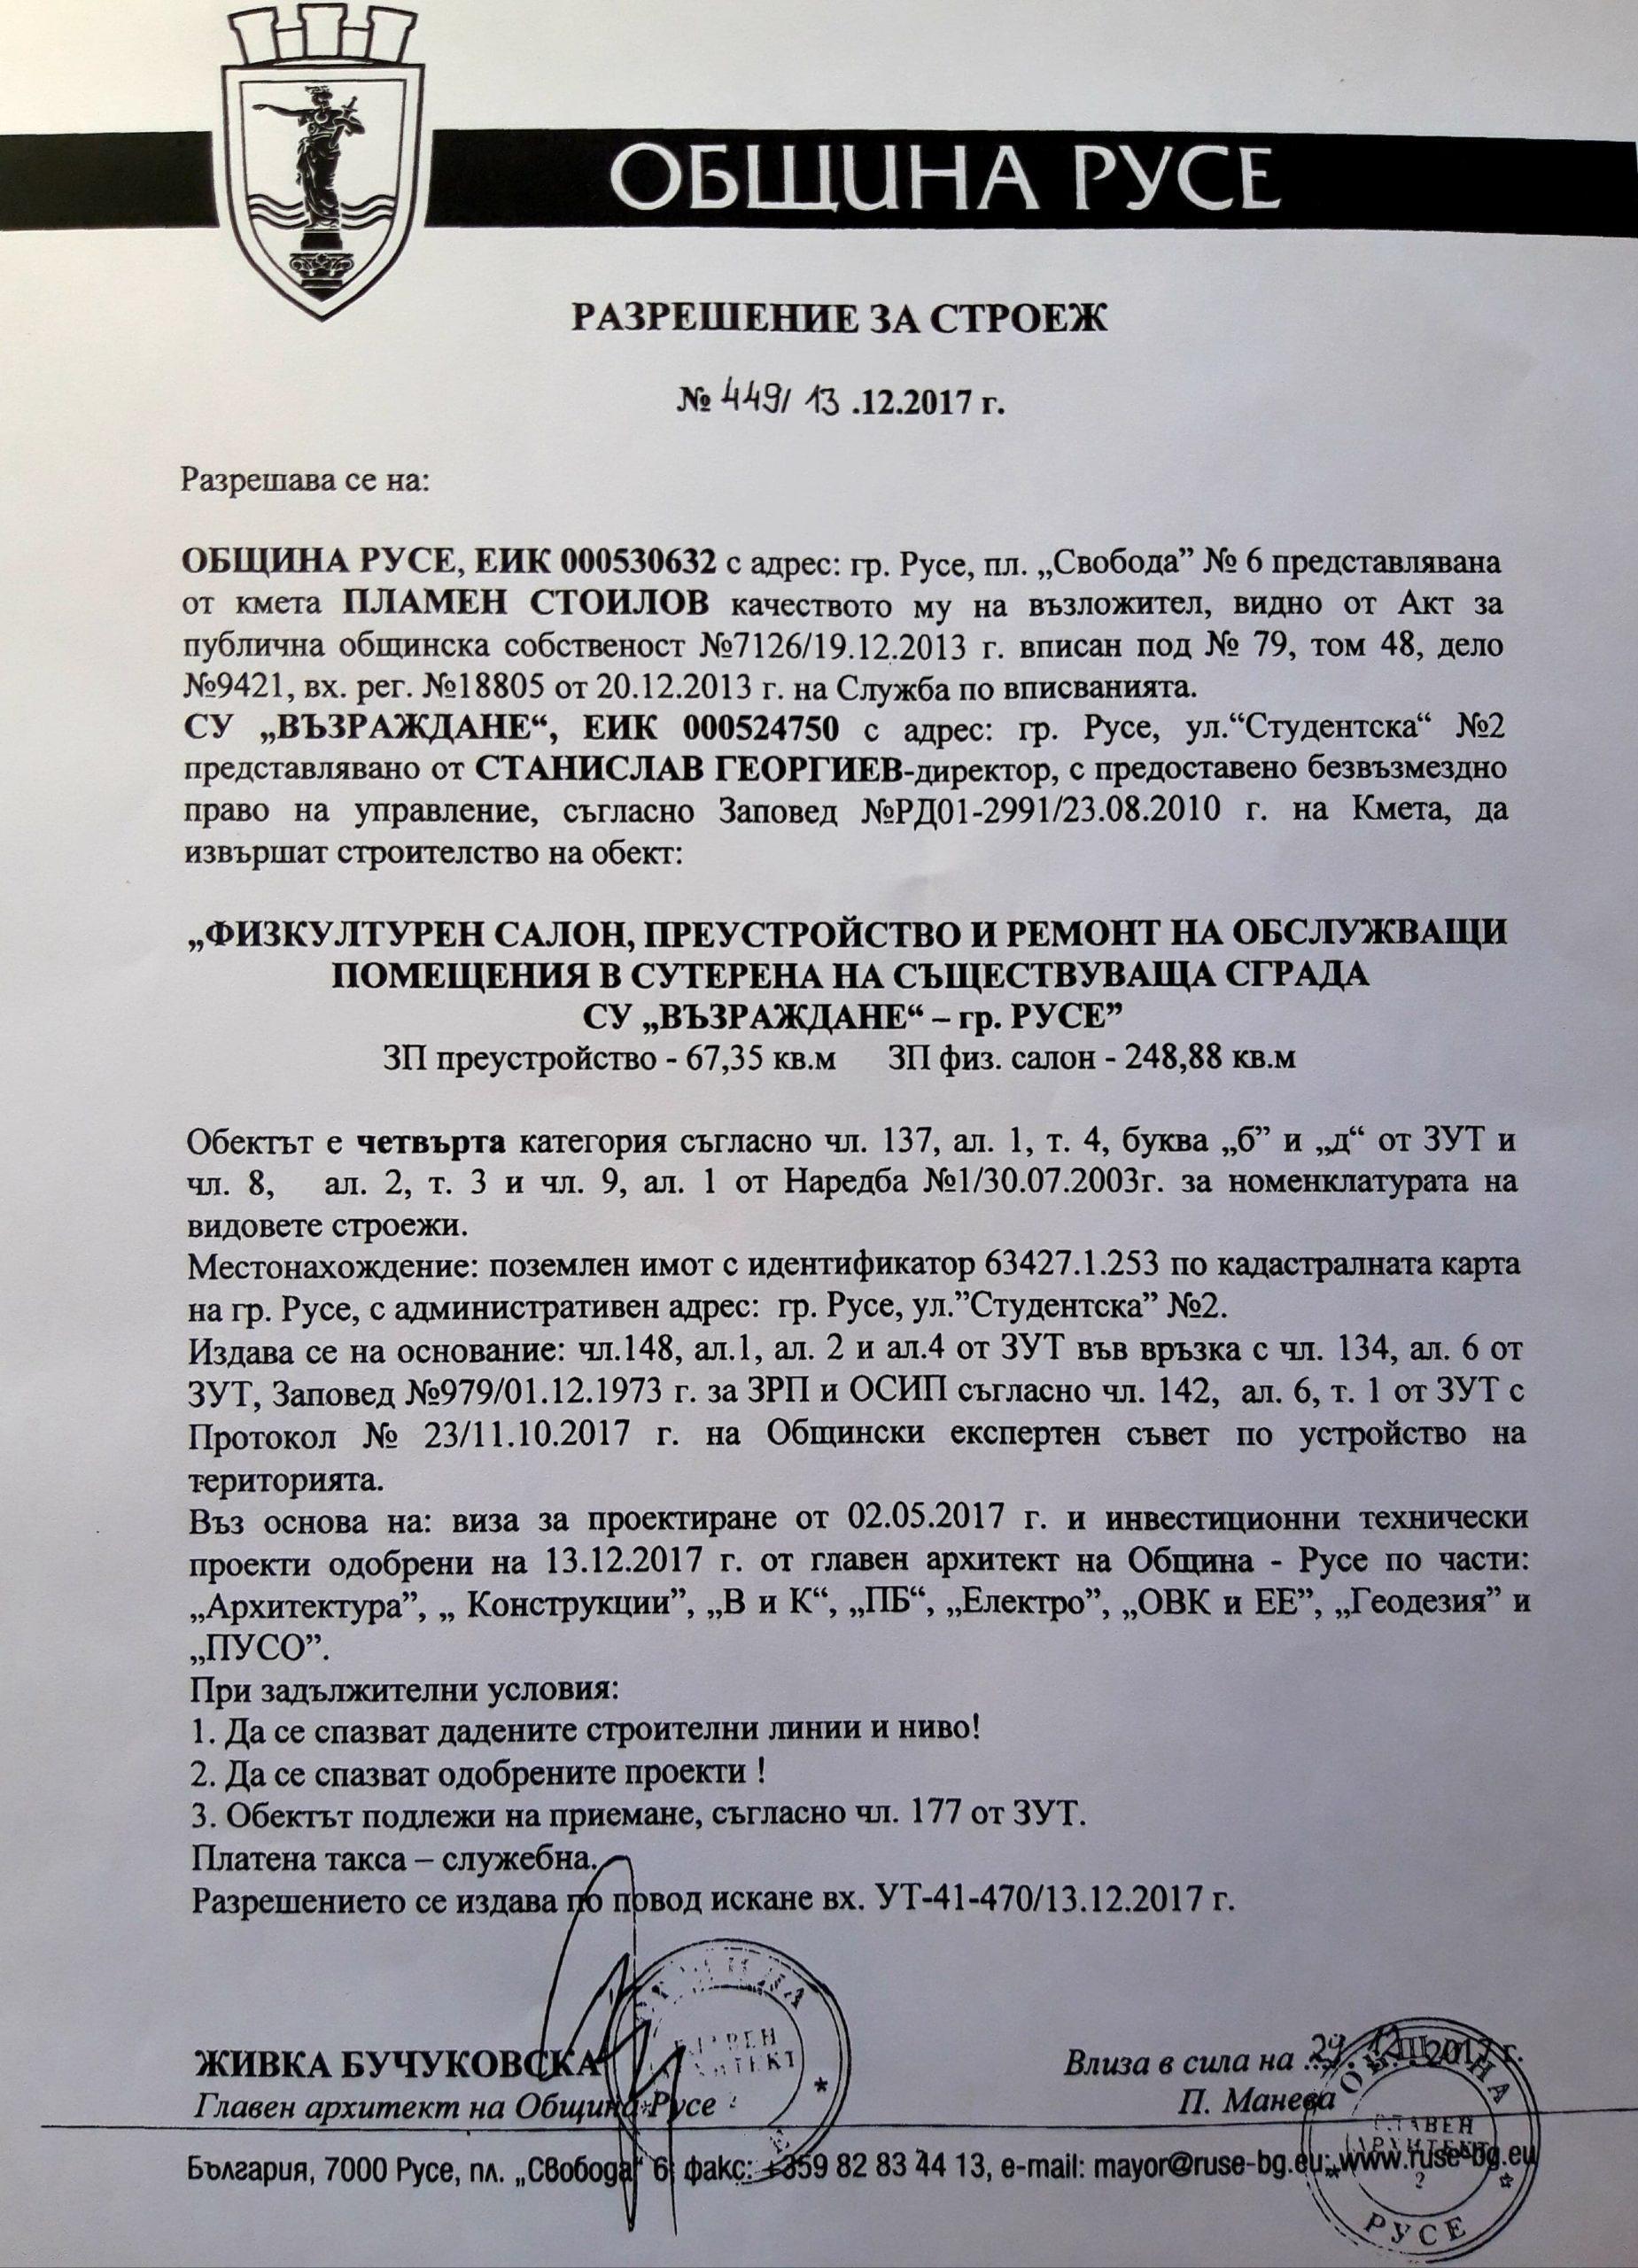 """Общинският съветник Дилян Саманджиев с питане до кмета за изграждане на физкултурен салон в СУ """"Възраждане"""""""